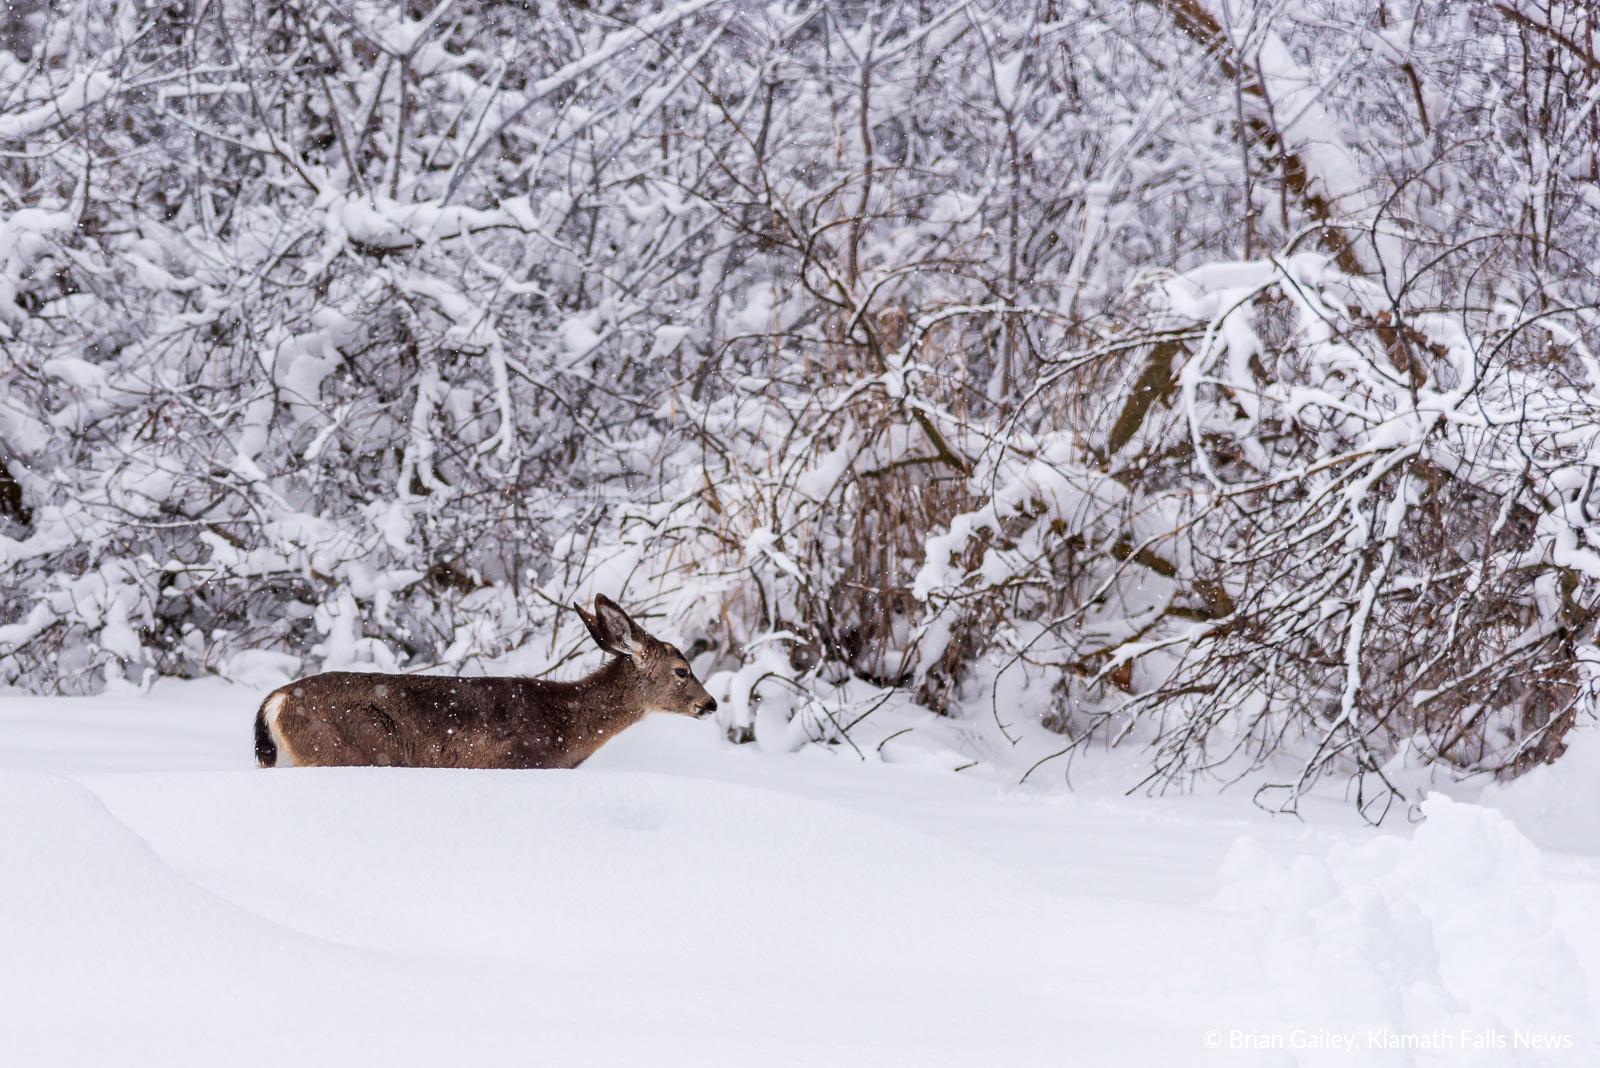 20190213-Snow-KFN-7866.jpg